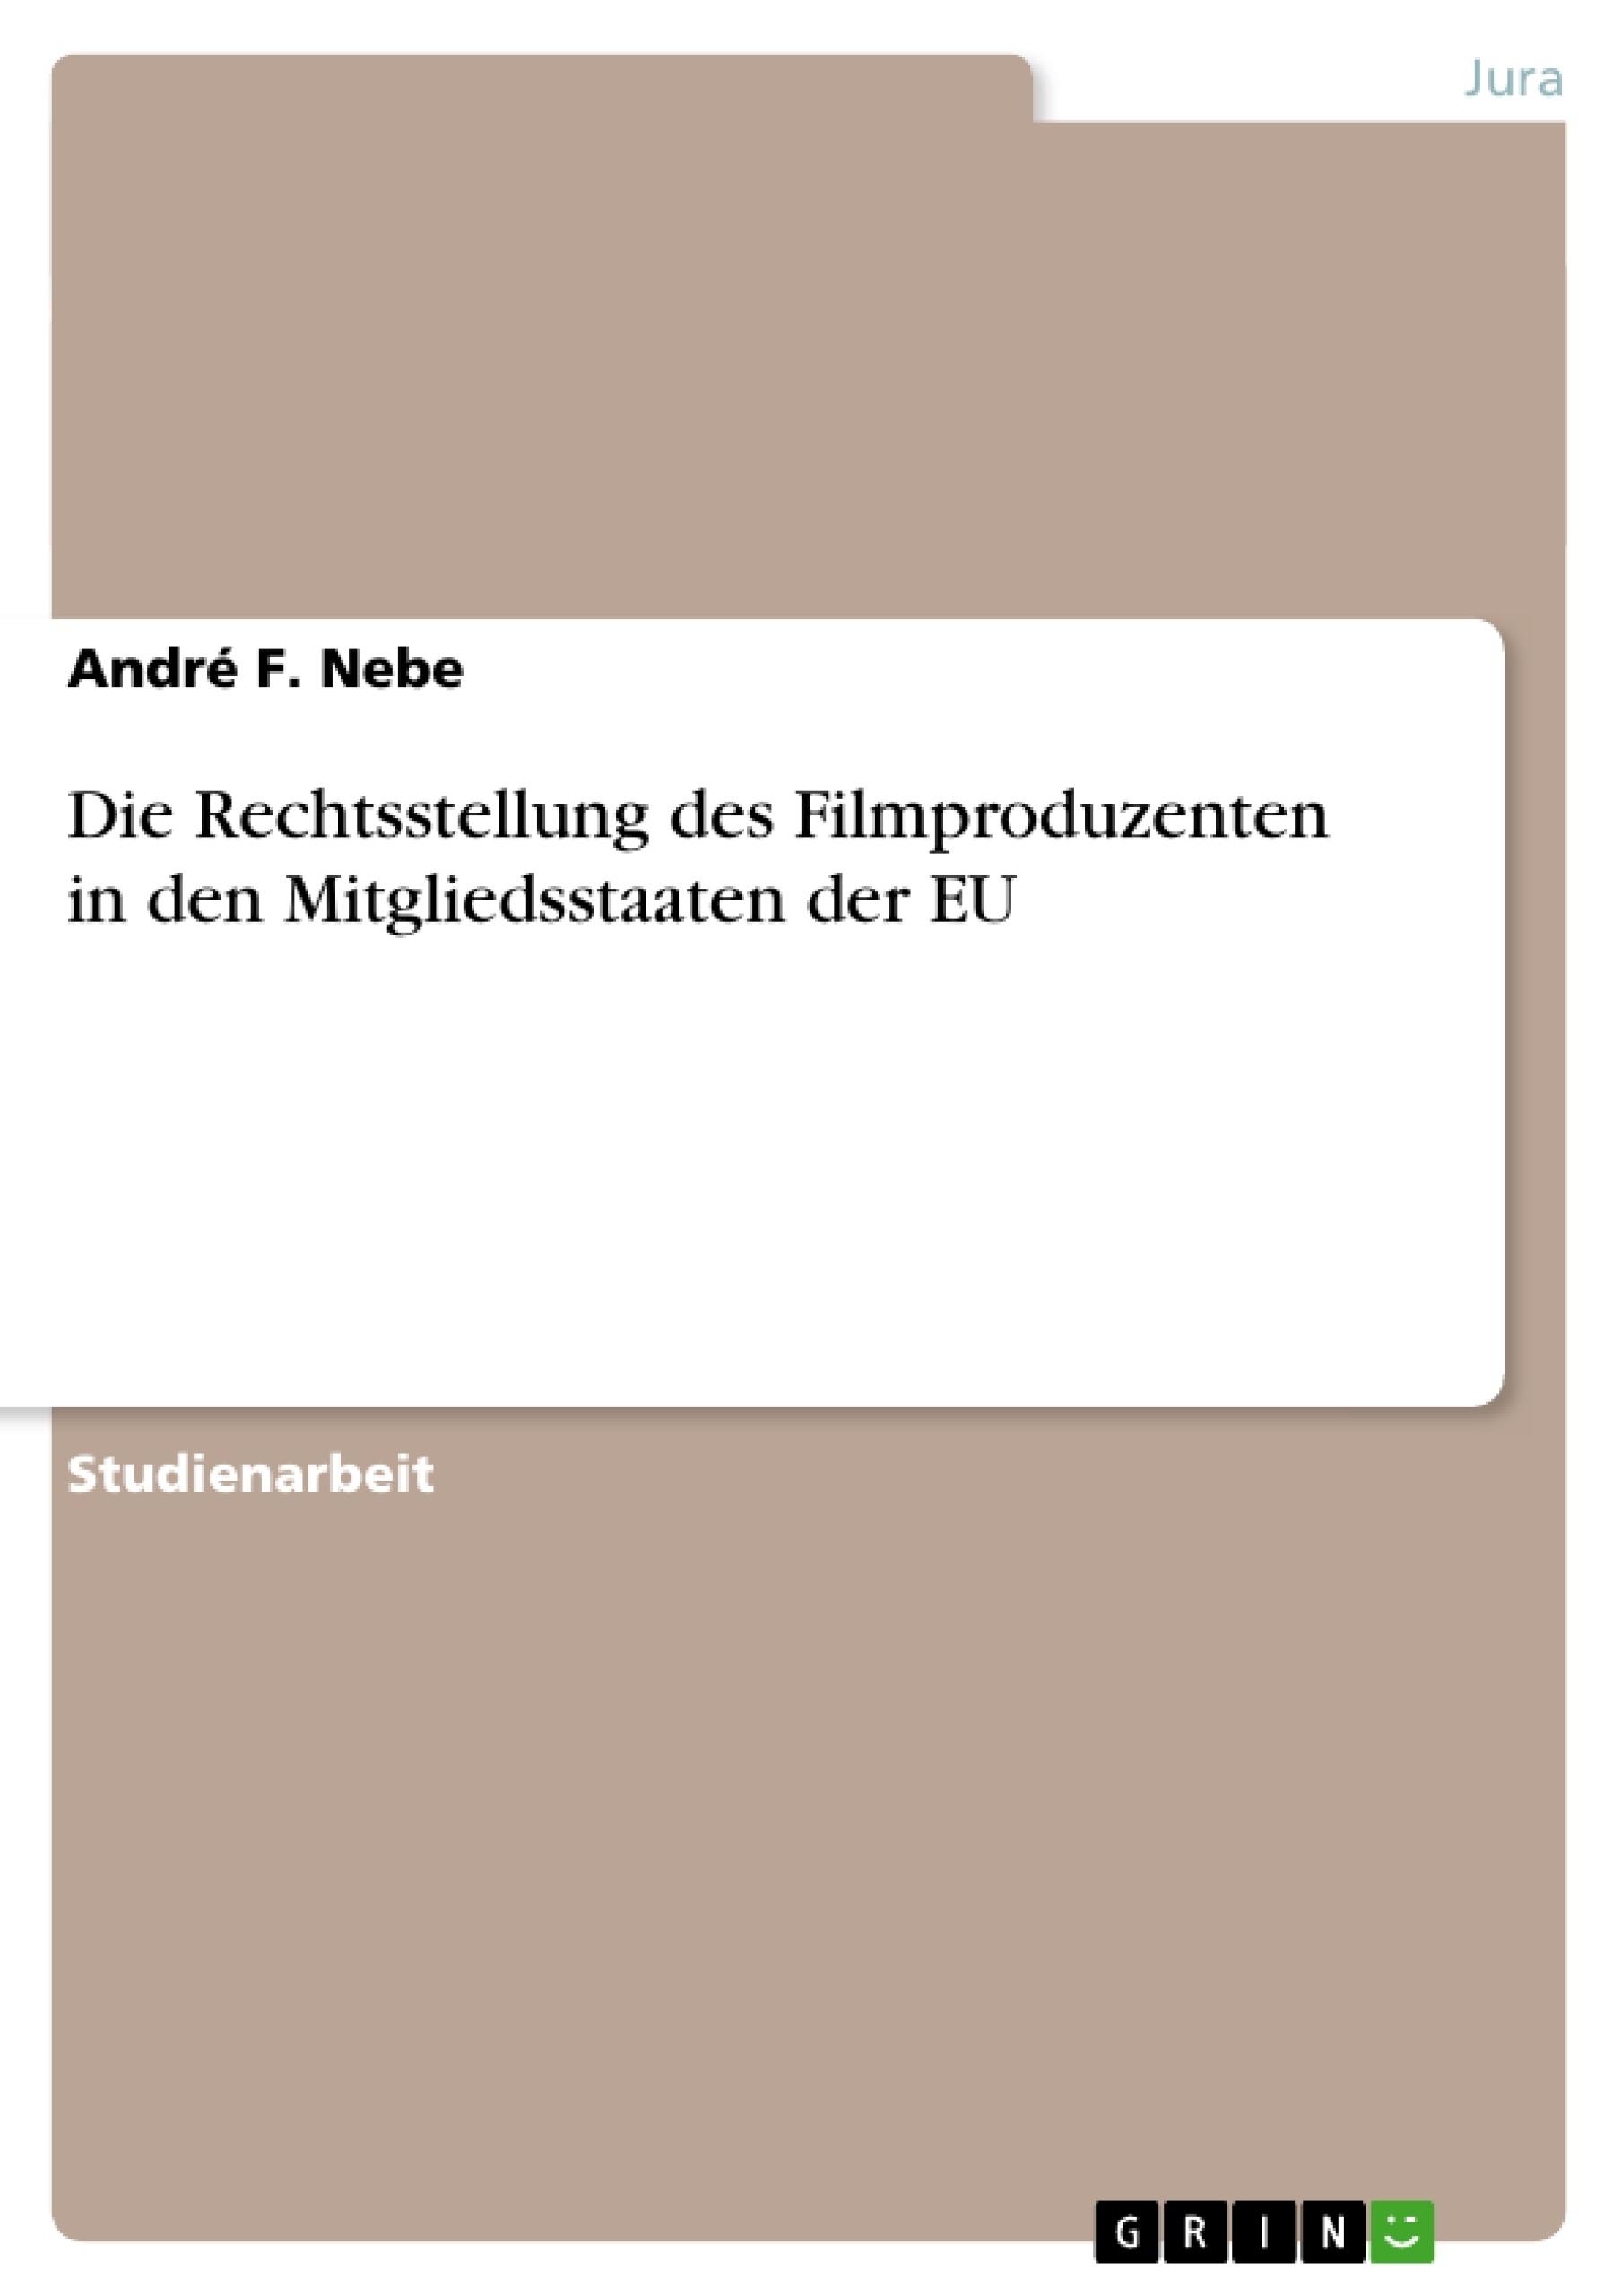 Titel: Die Rechtsstellung des Filmproduzenten in den Mitgliedsstaaten der EU